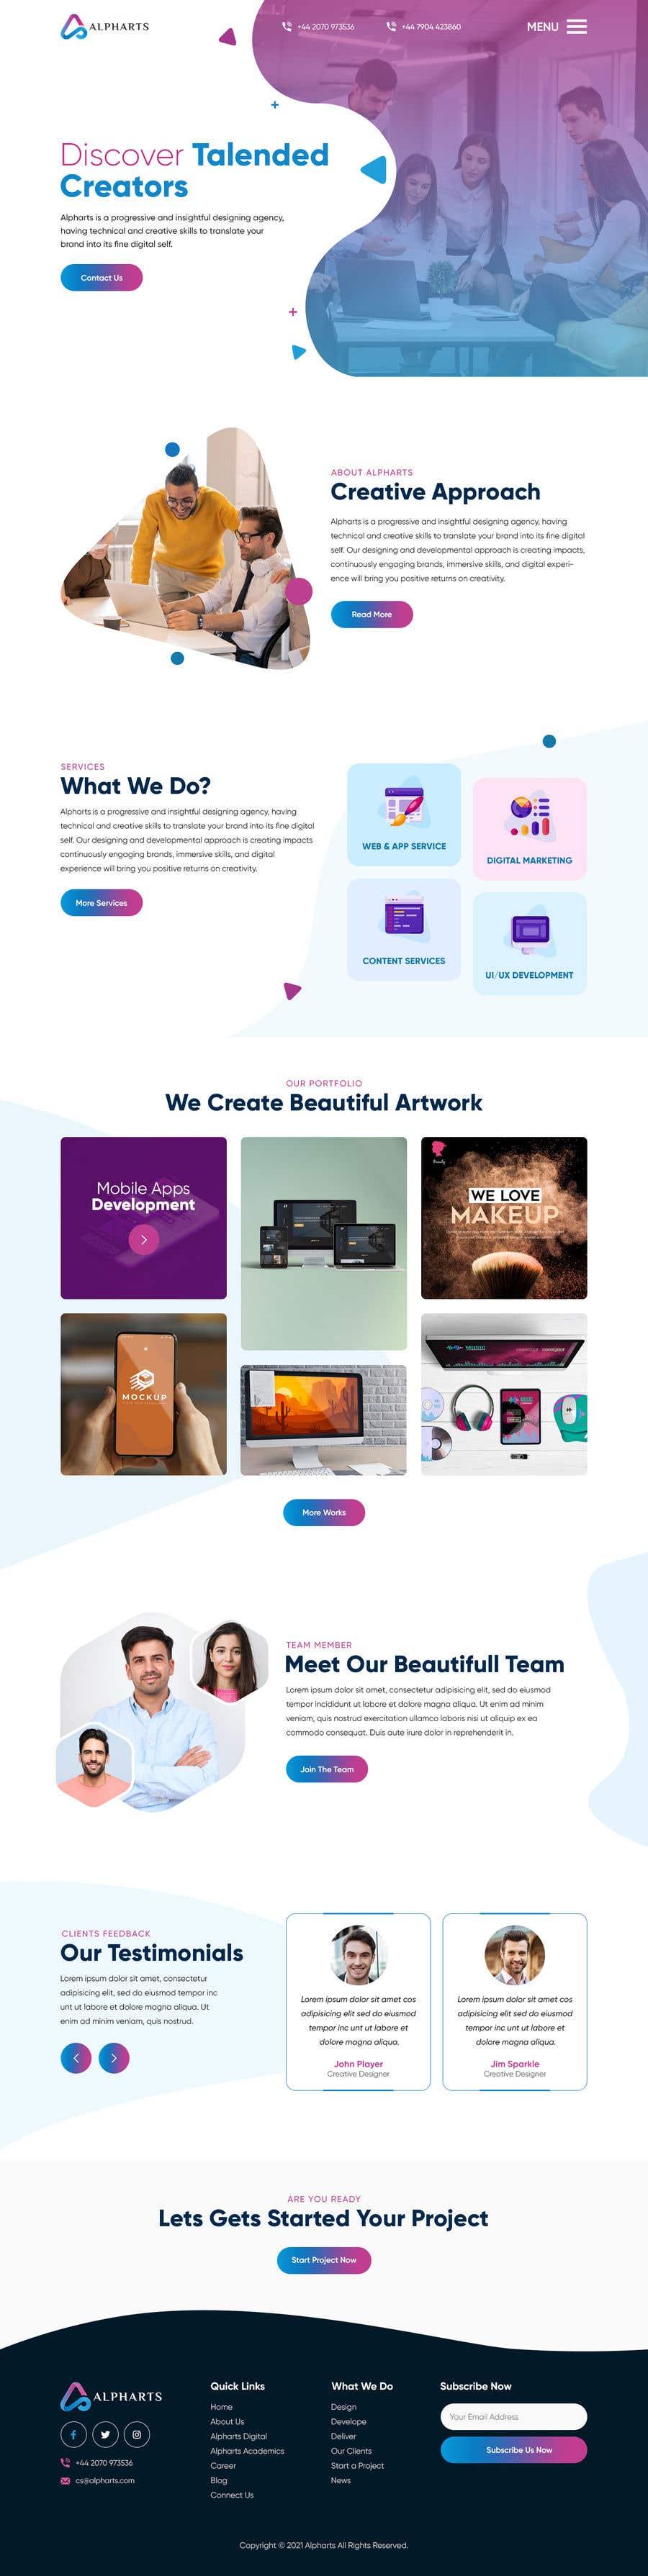 Konkurrenceindlæg #                                        60                                      for                                         Develop a Website for Digital Marketing Company